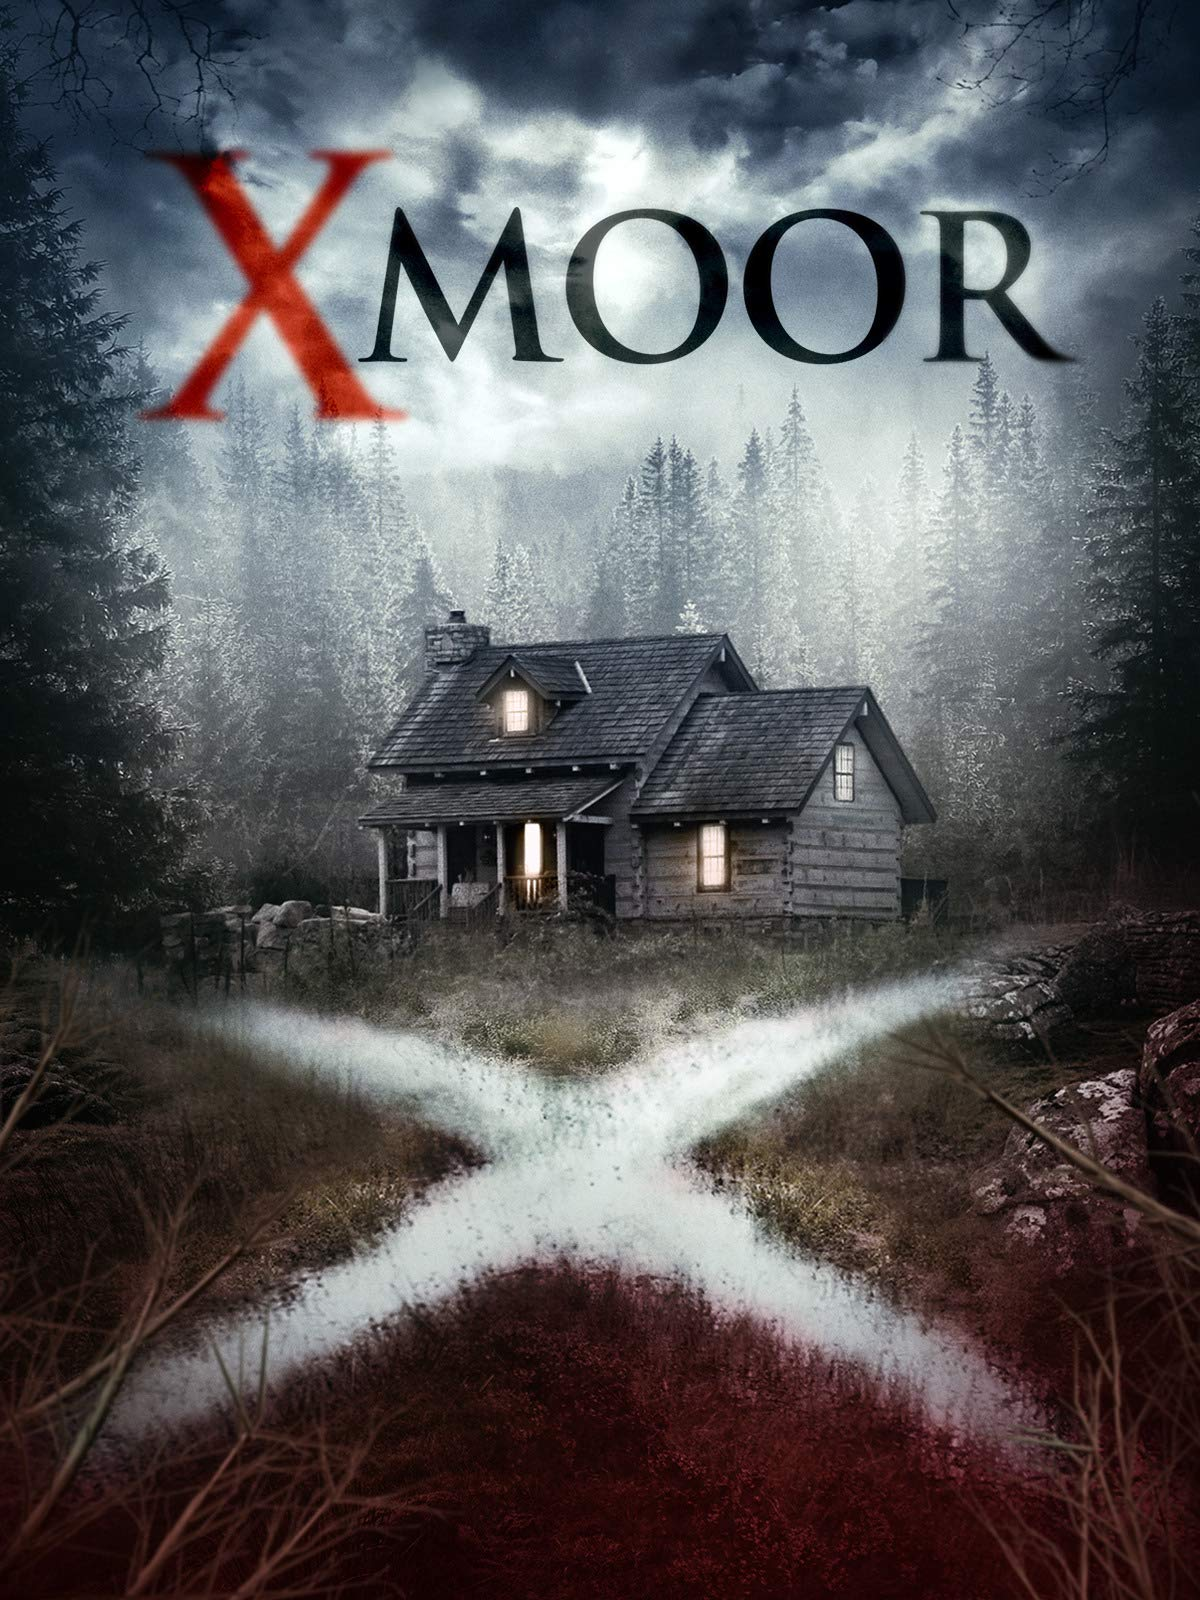 Xmoor